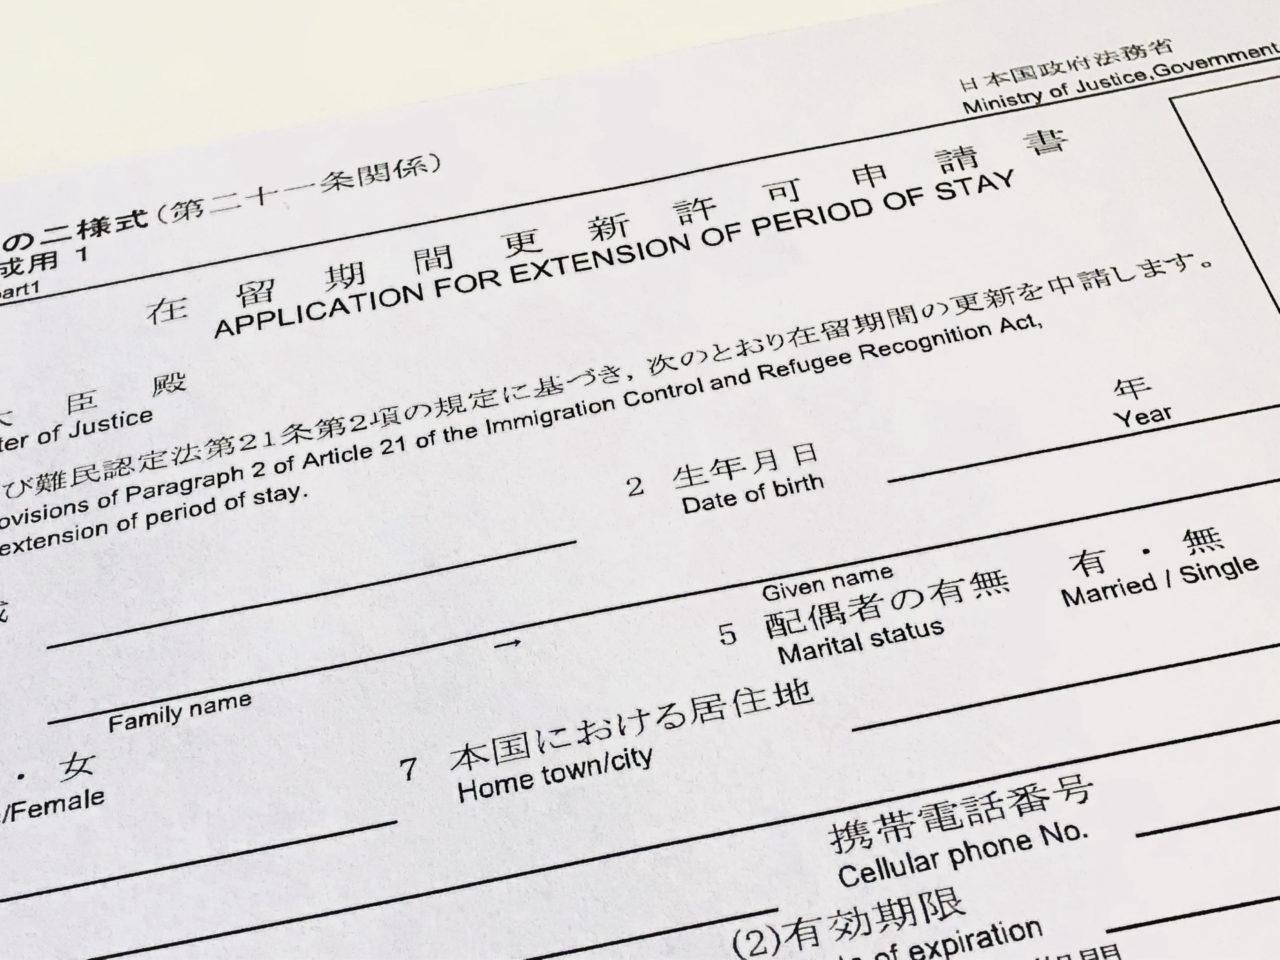 在留資格更新許可申請書